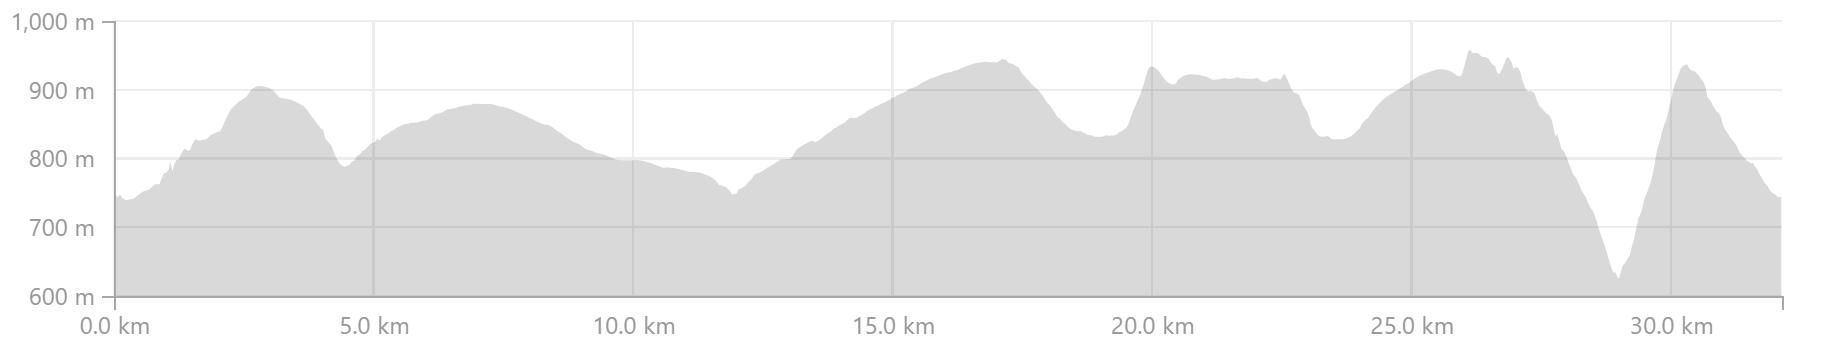 Banprofil VFM 35km.PNG